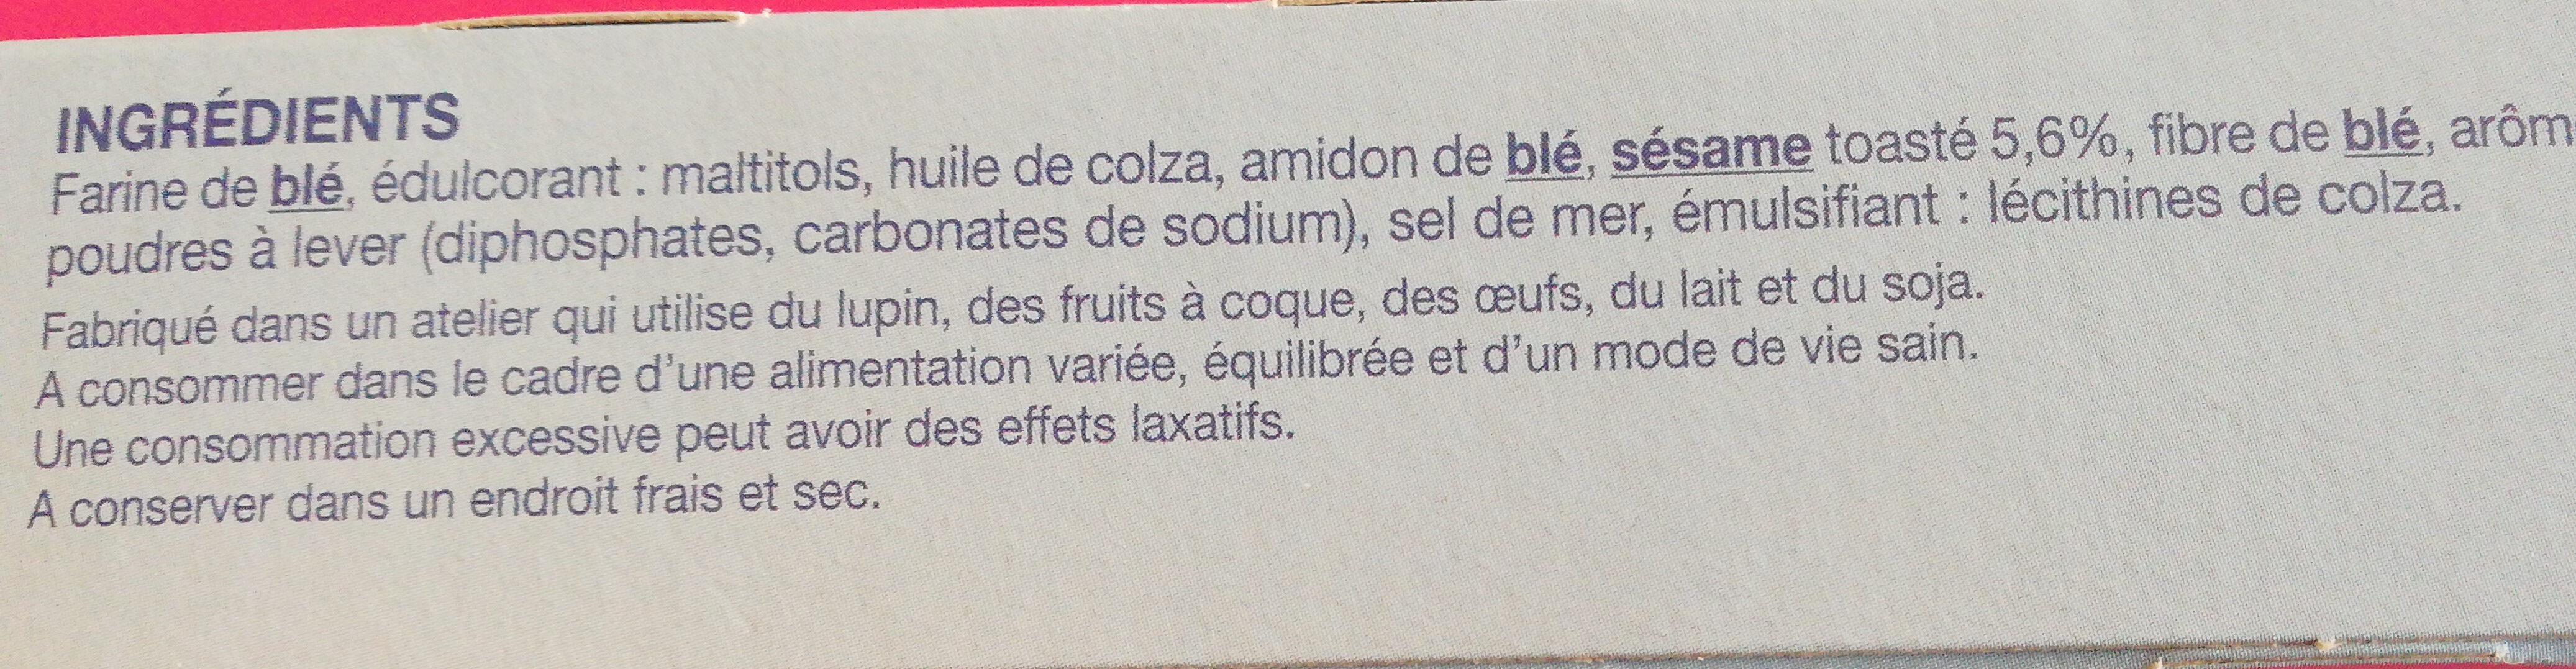 Biscuit sésame saveur vanille - Ingrédients - fr